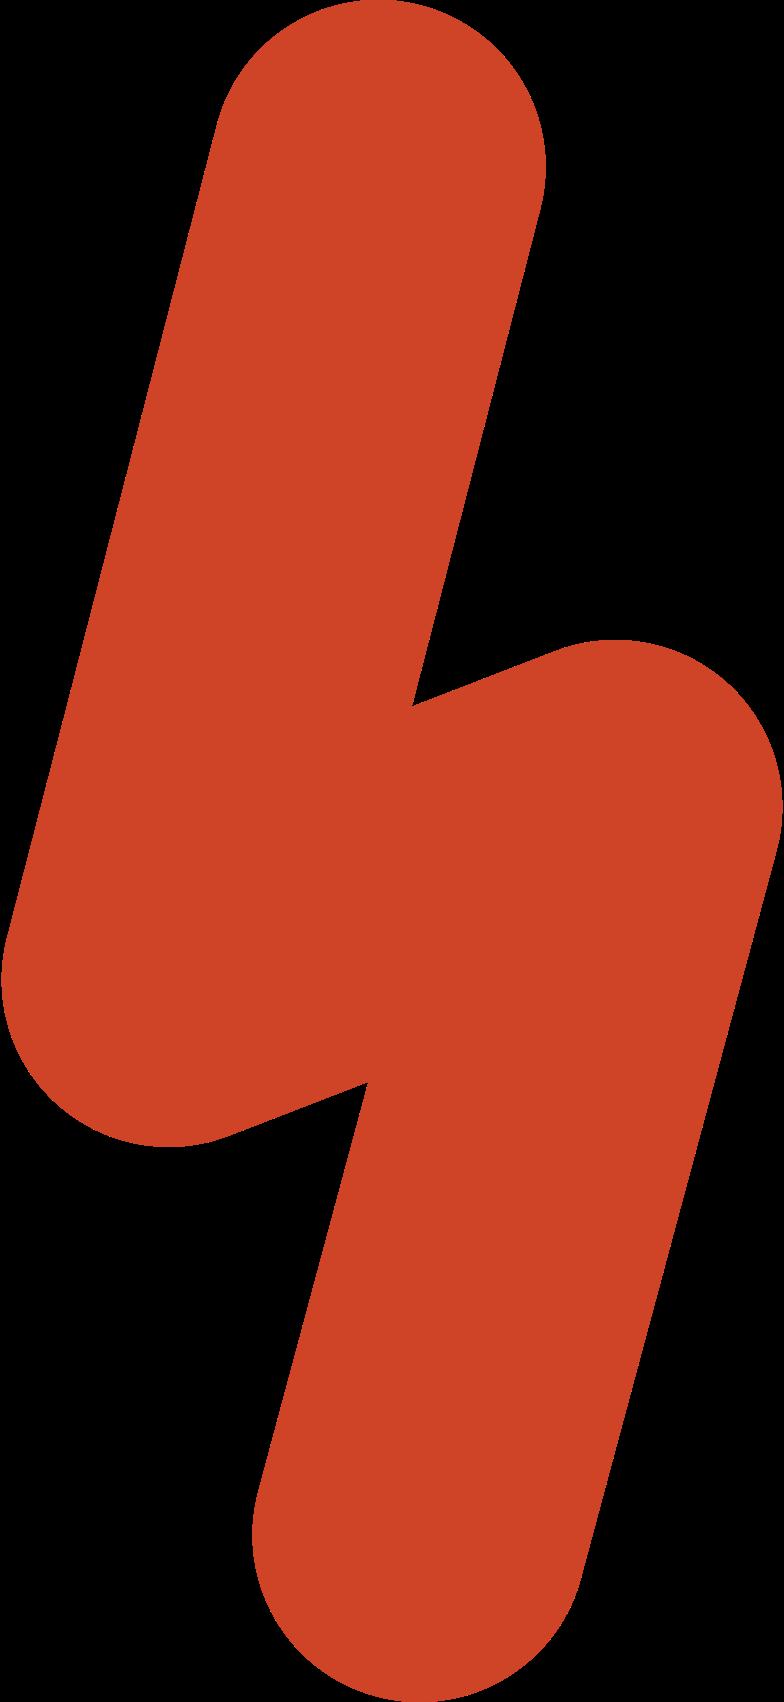 scar Clipart illustration in PNG, SVG